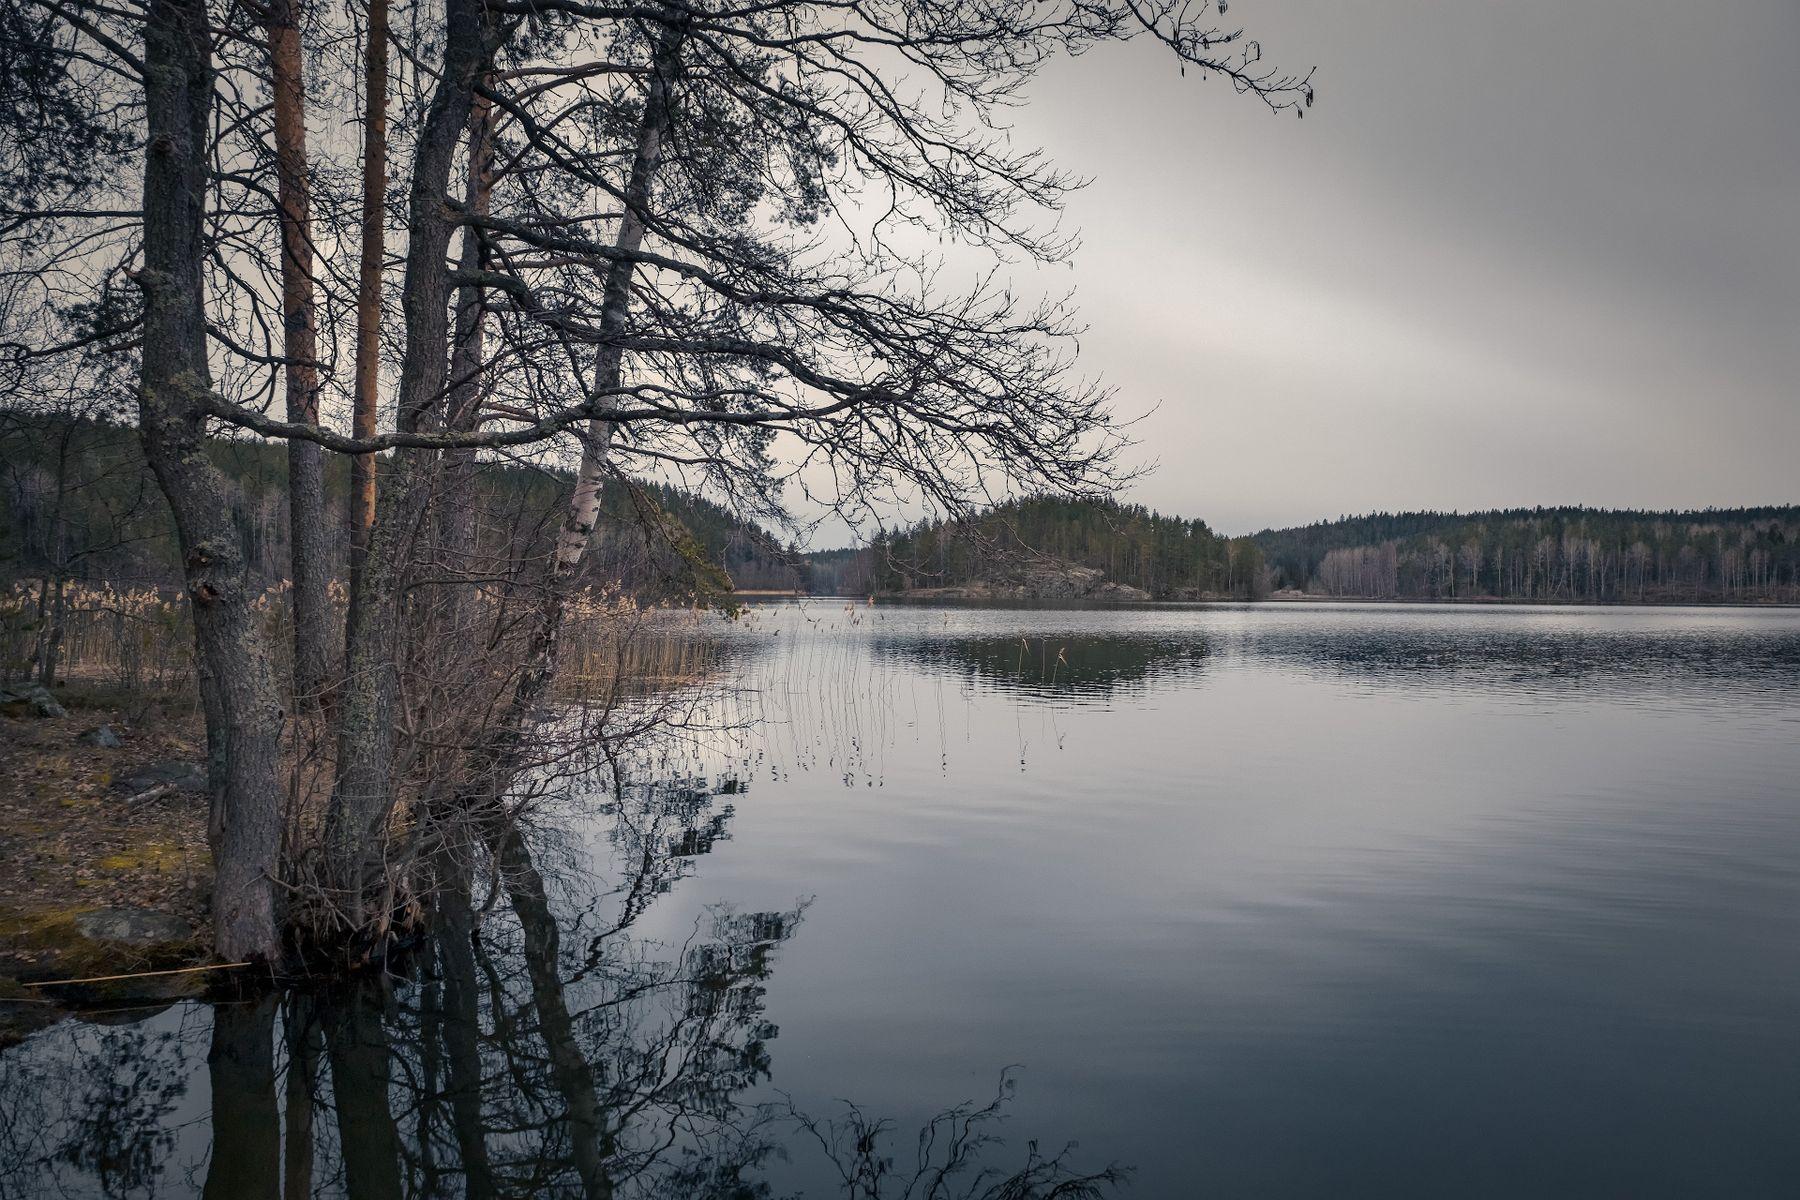 Пасмурный вечер карелия озеро остров кортеланъярви скала сосна лес облака пейзаж природа